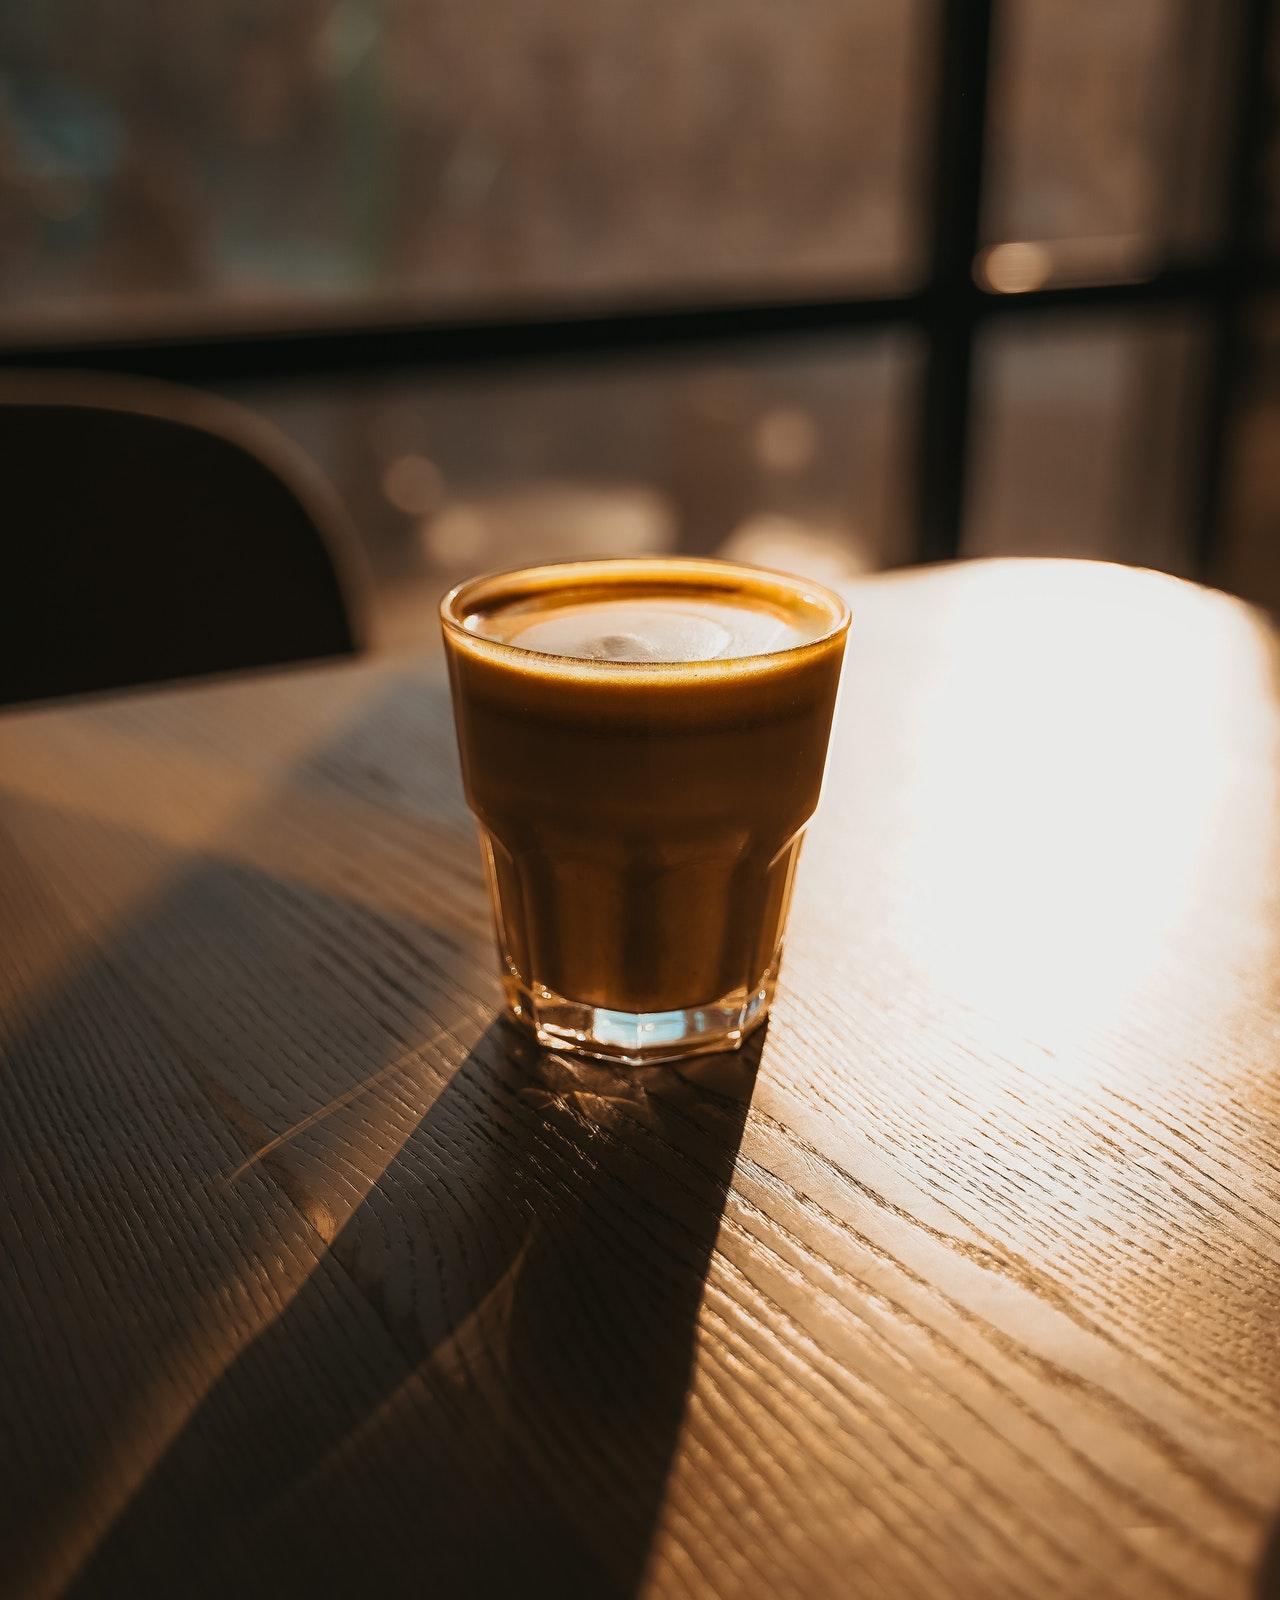 Mit einer WMF Kaffeemaschine bereitest Du schnell und einfach leckeren Kaffee zu.